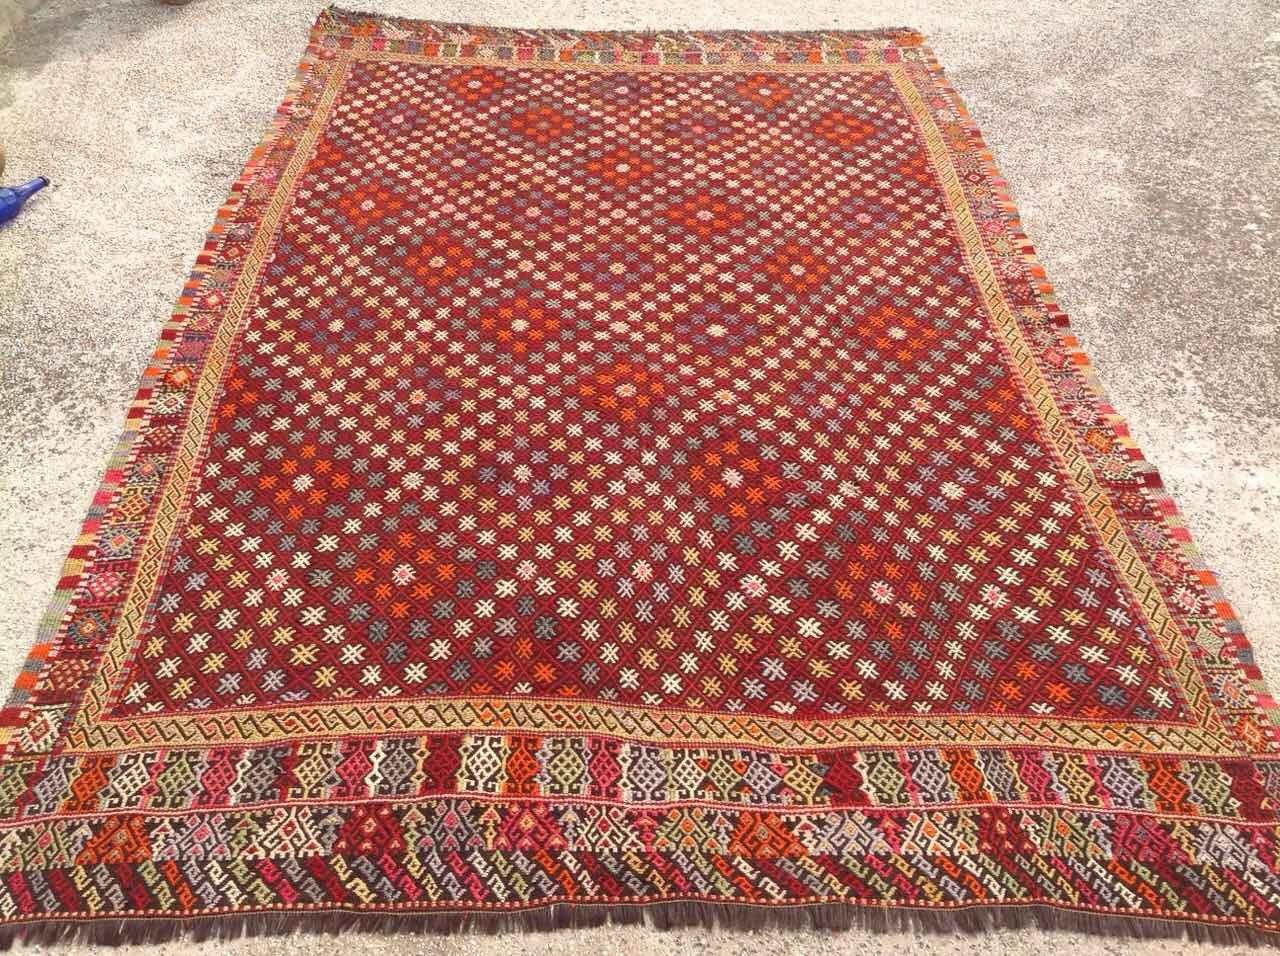 large area rug over size kilim rug 134 39 39 x 86. Black Bedroom Furniture Sets. Home Design Ideas